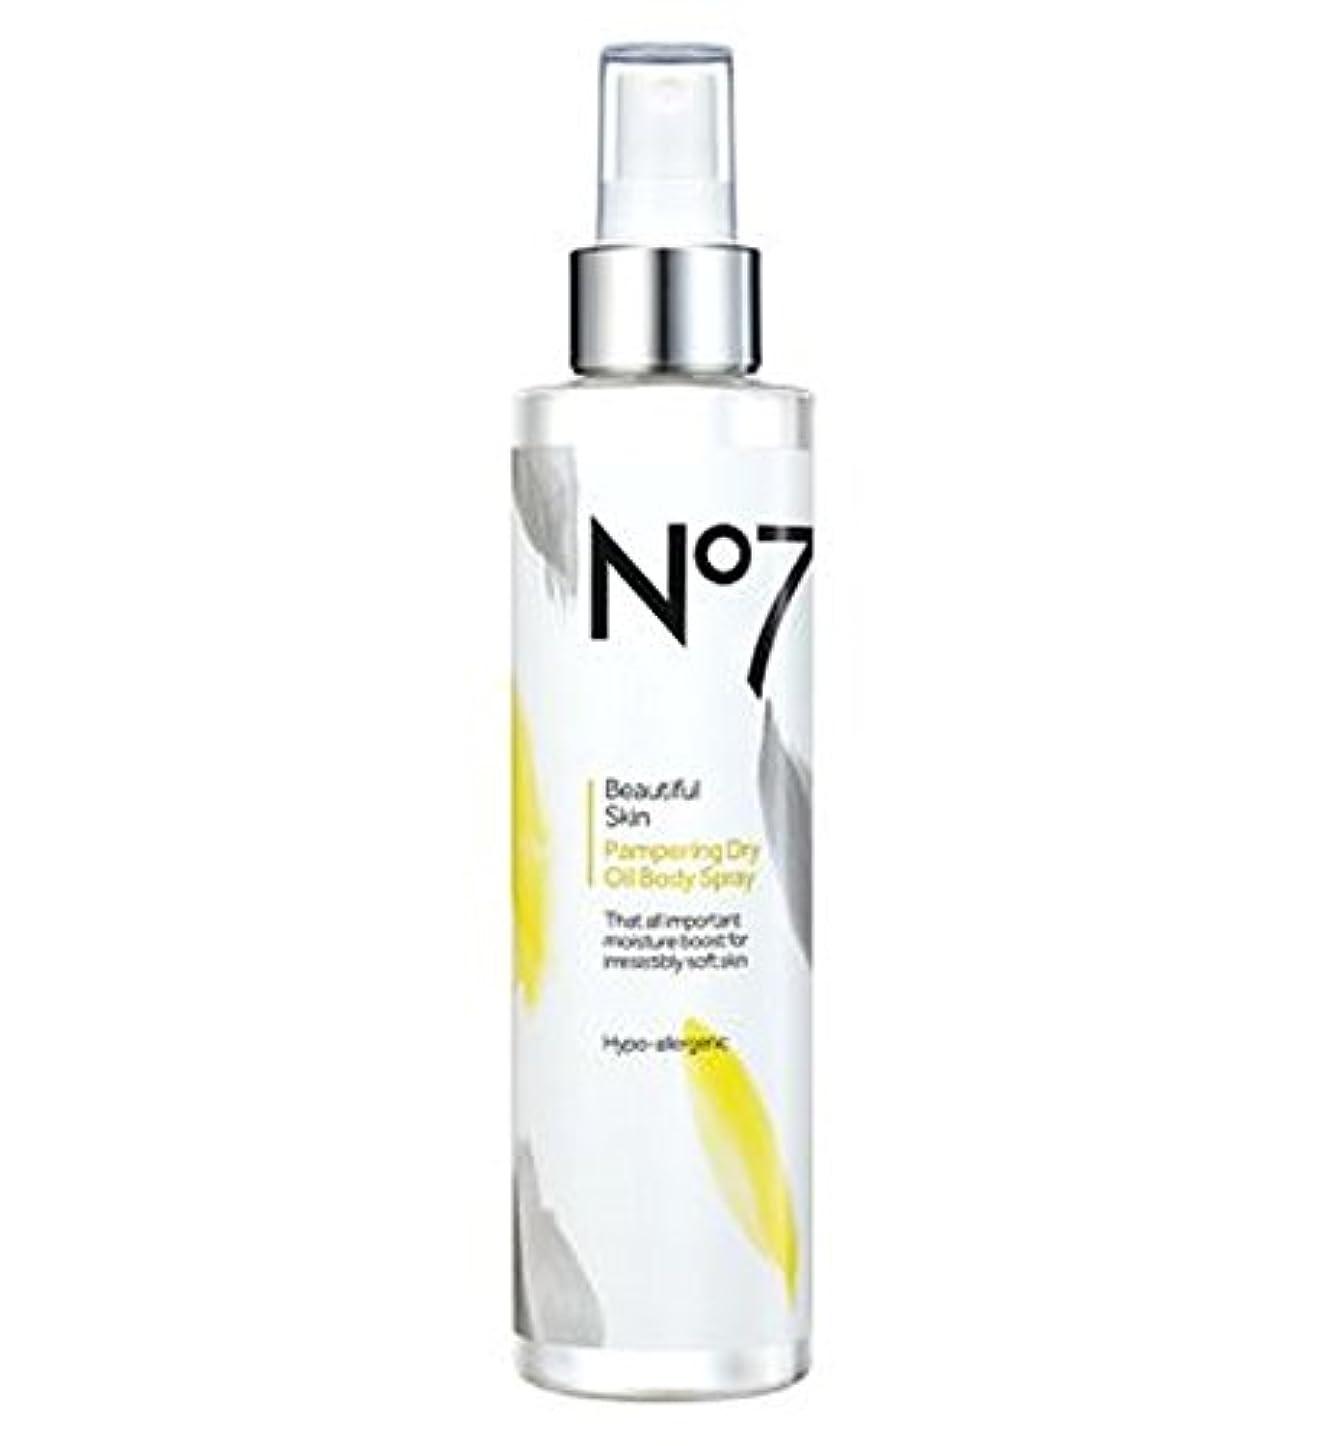 エネルギー首謀者採用するNo7 Beautiful Skin Pampering Dry Body Oil - No7美肌贅沢ドライボディオイル (No7) [並行輸入品]